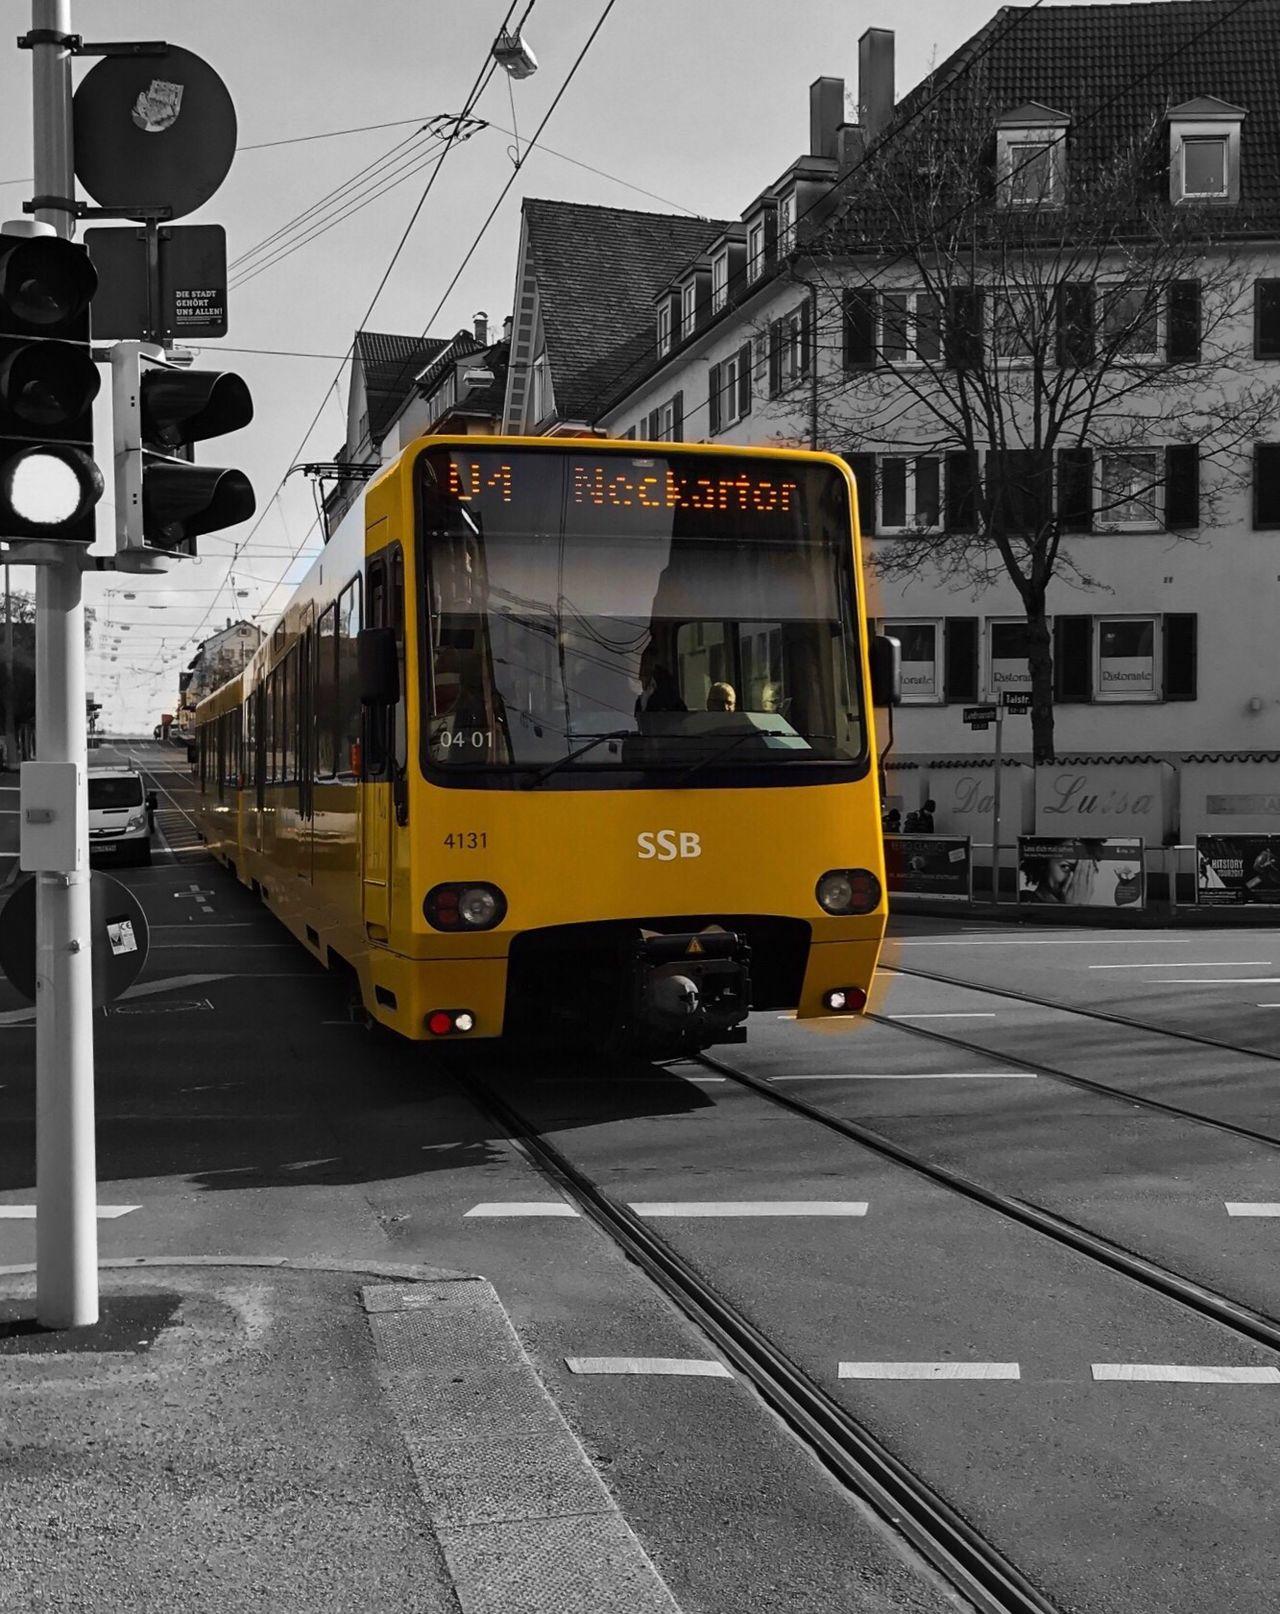 Ssb Stadtbahn Stuttgarter Stadtbahn Public Transportation Stuttgart,Germany Stuttgart City IPhone7Plus Stuttgart